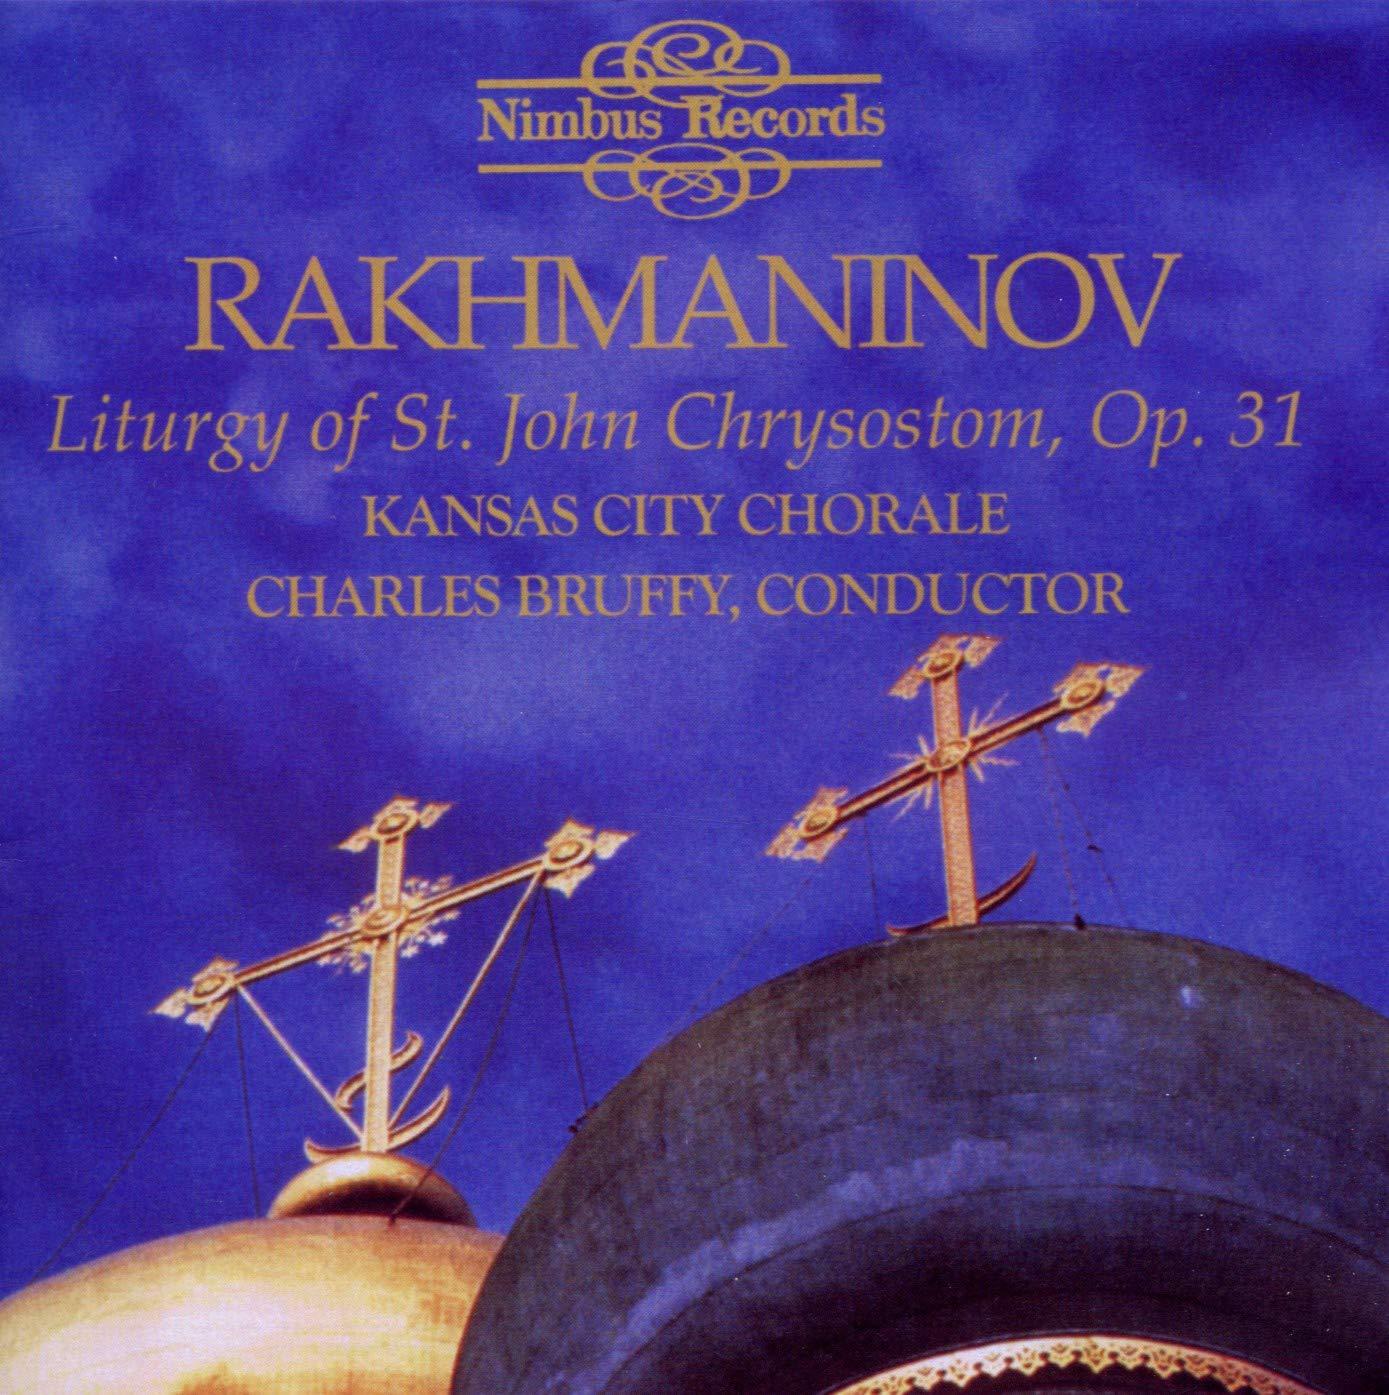 Rakhmaninov: Liturgy Deluxe of St. Chrysostom John Atlanta Mall Op. 31